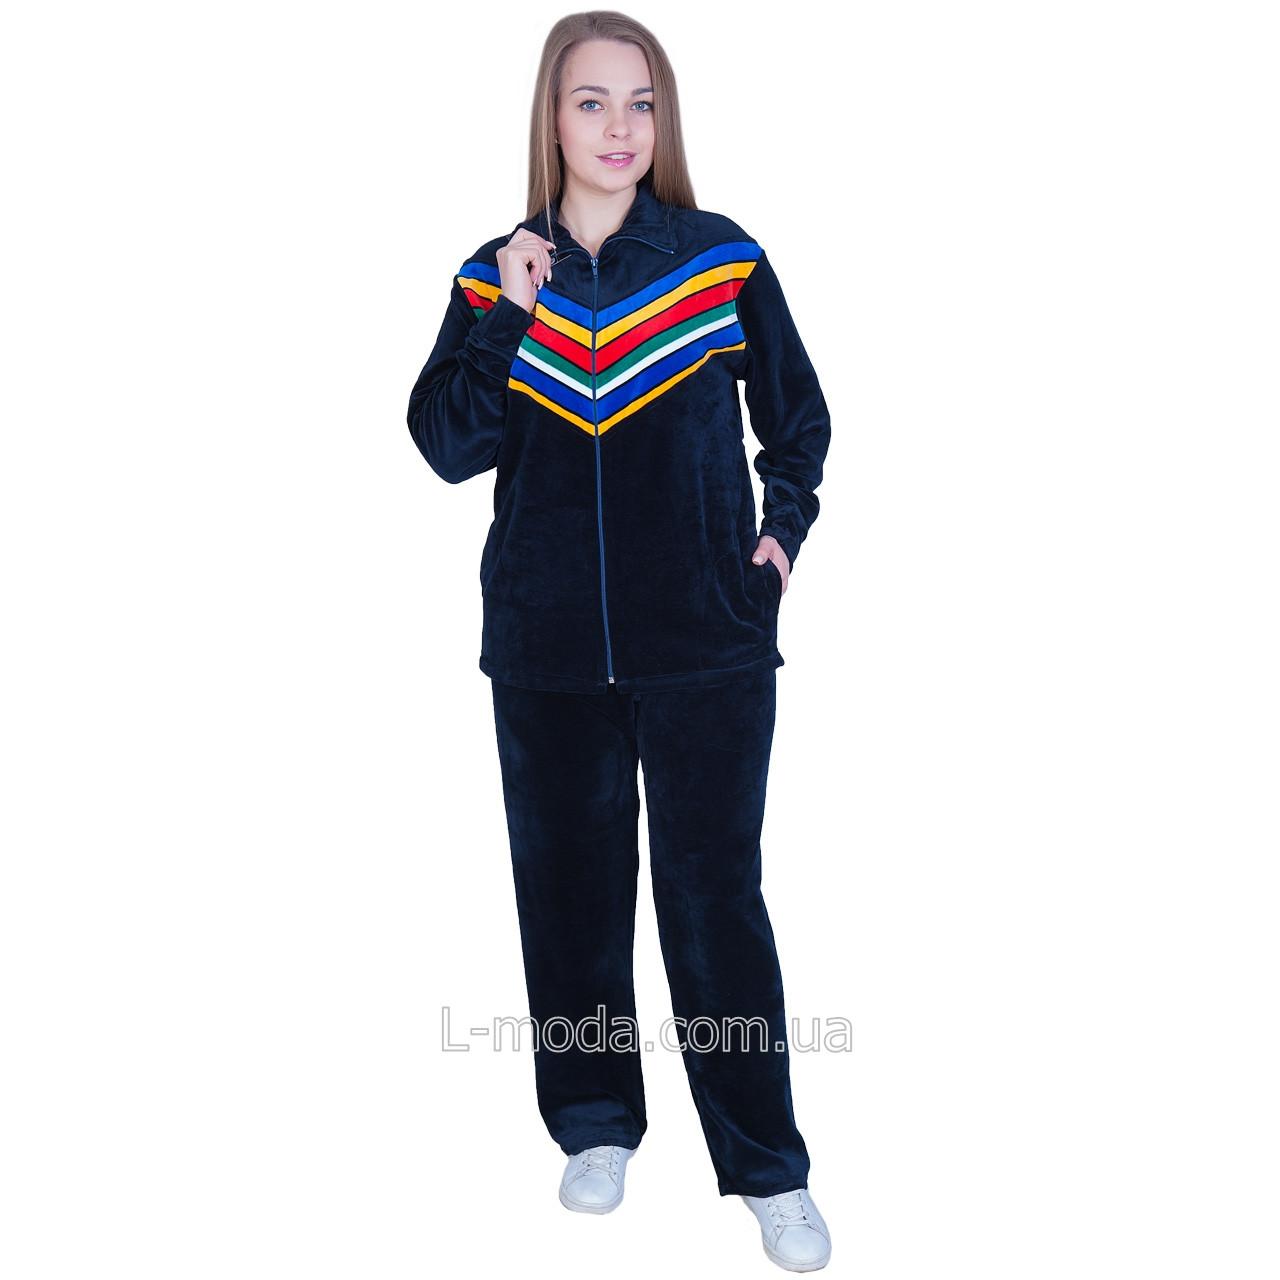 Спортивный костюм женский велюровый 0RR-5391